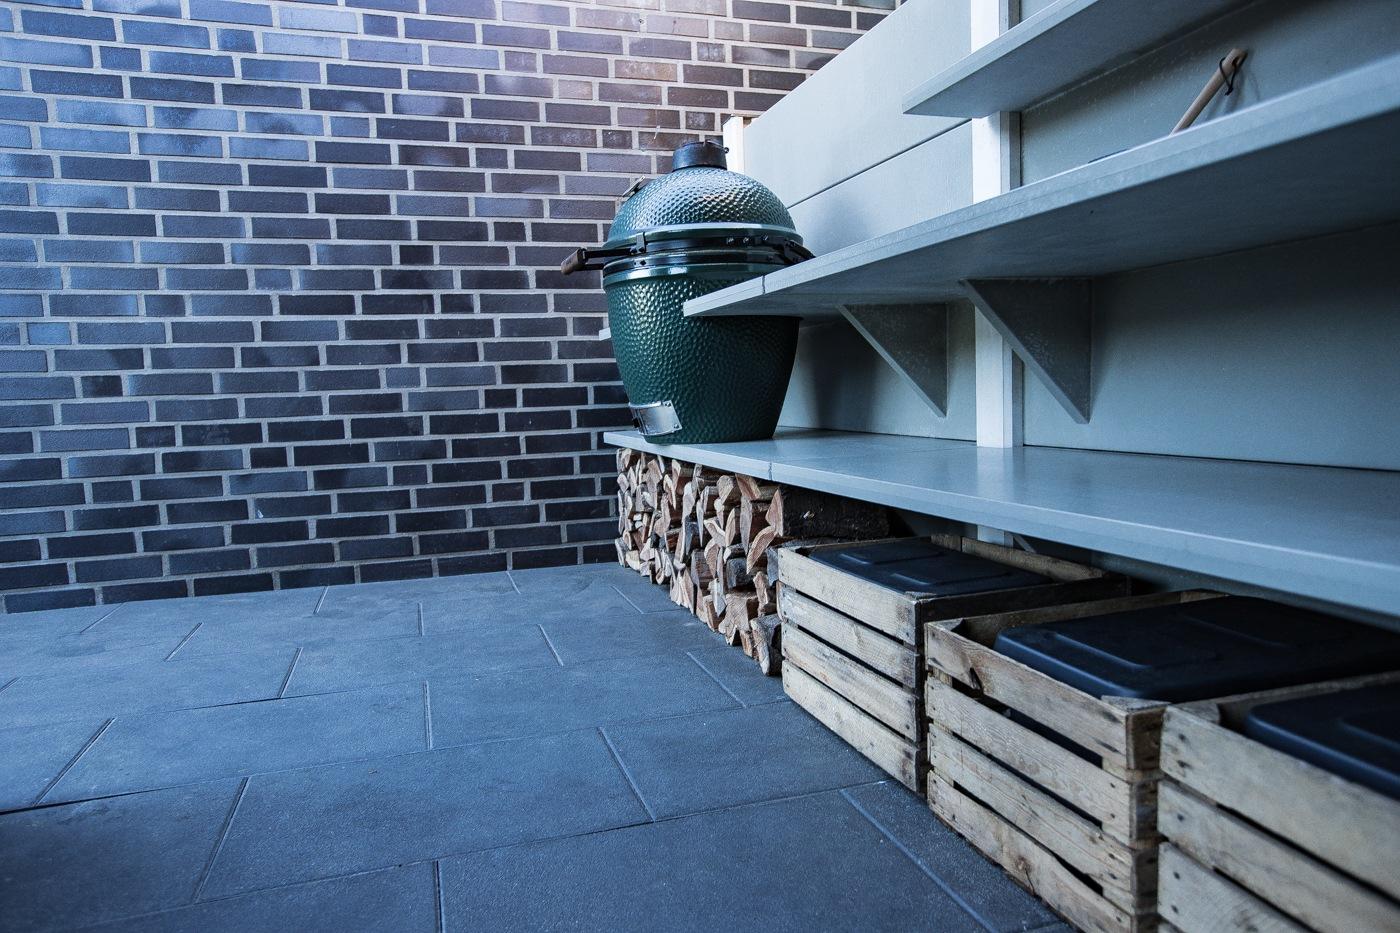 Outdoor Küche Instagram : Outdoor küche instagram outdoor küche mit holzbackofen hocker